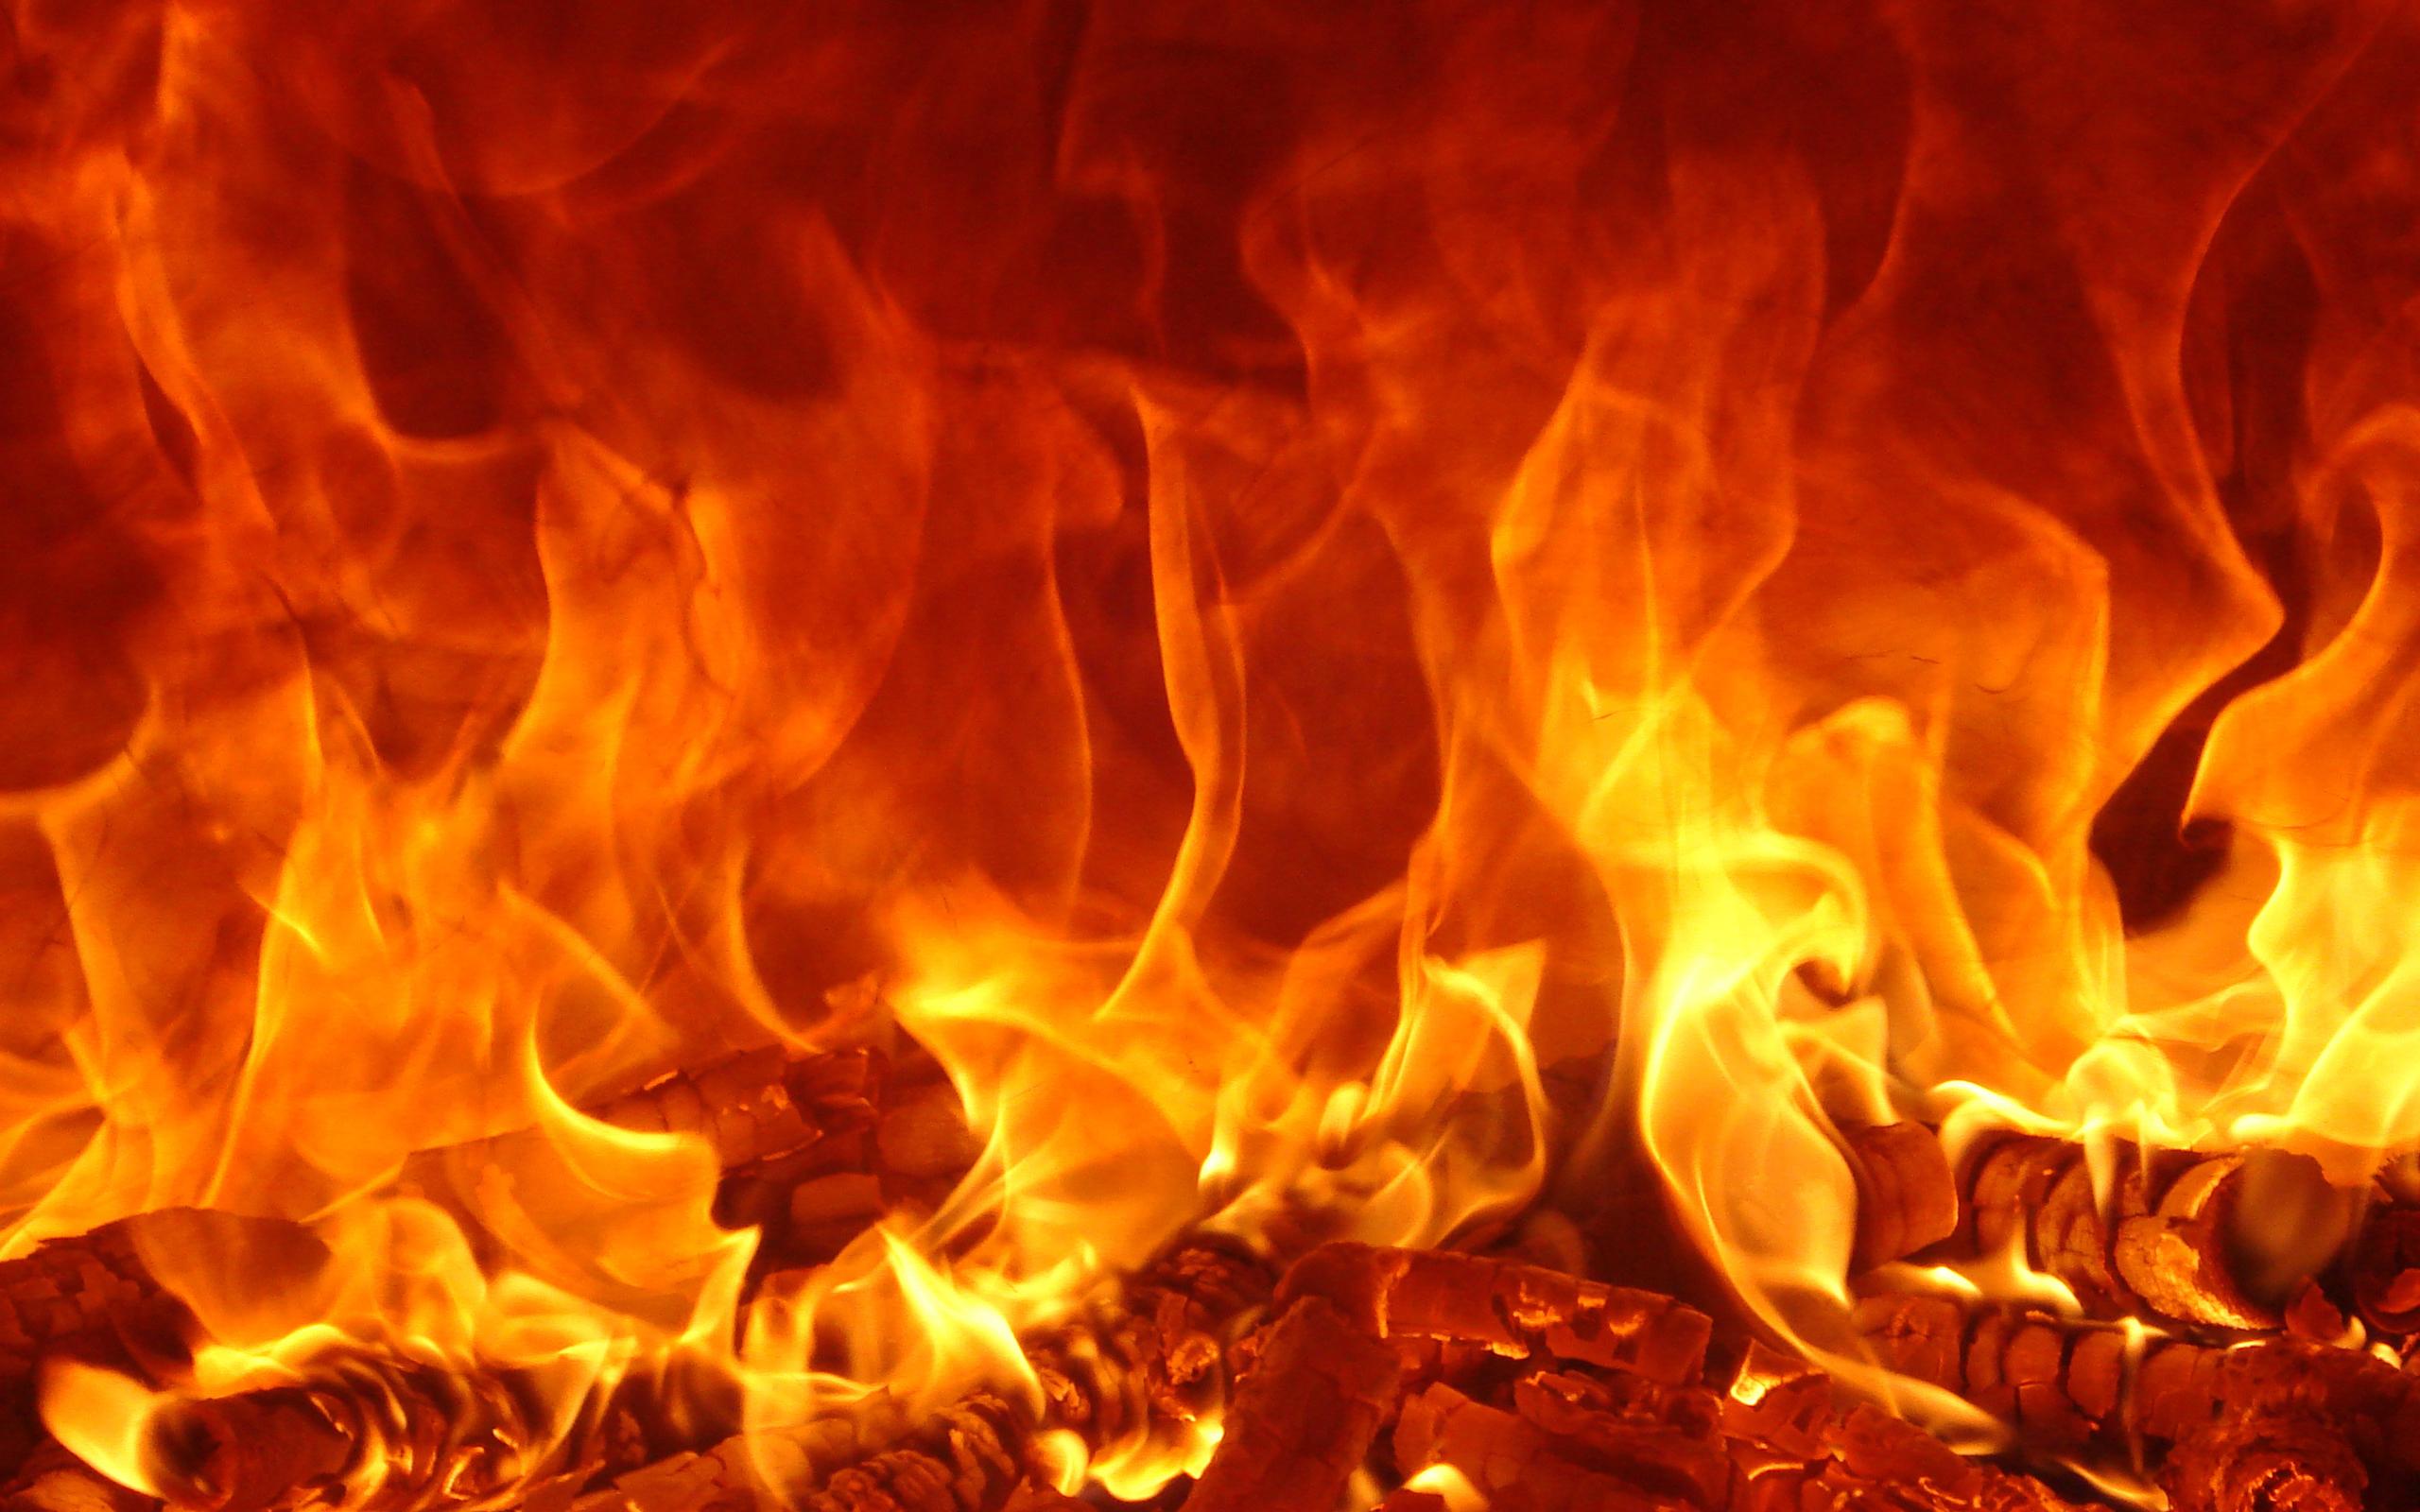 rabstol_net_fire_03.jpg